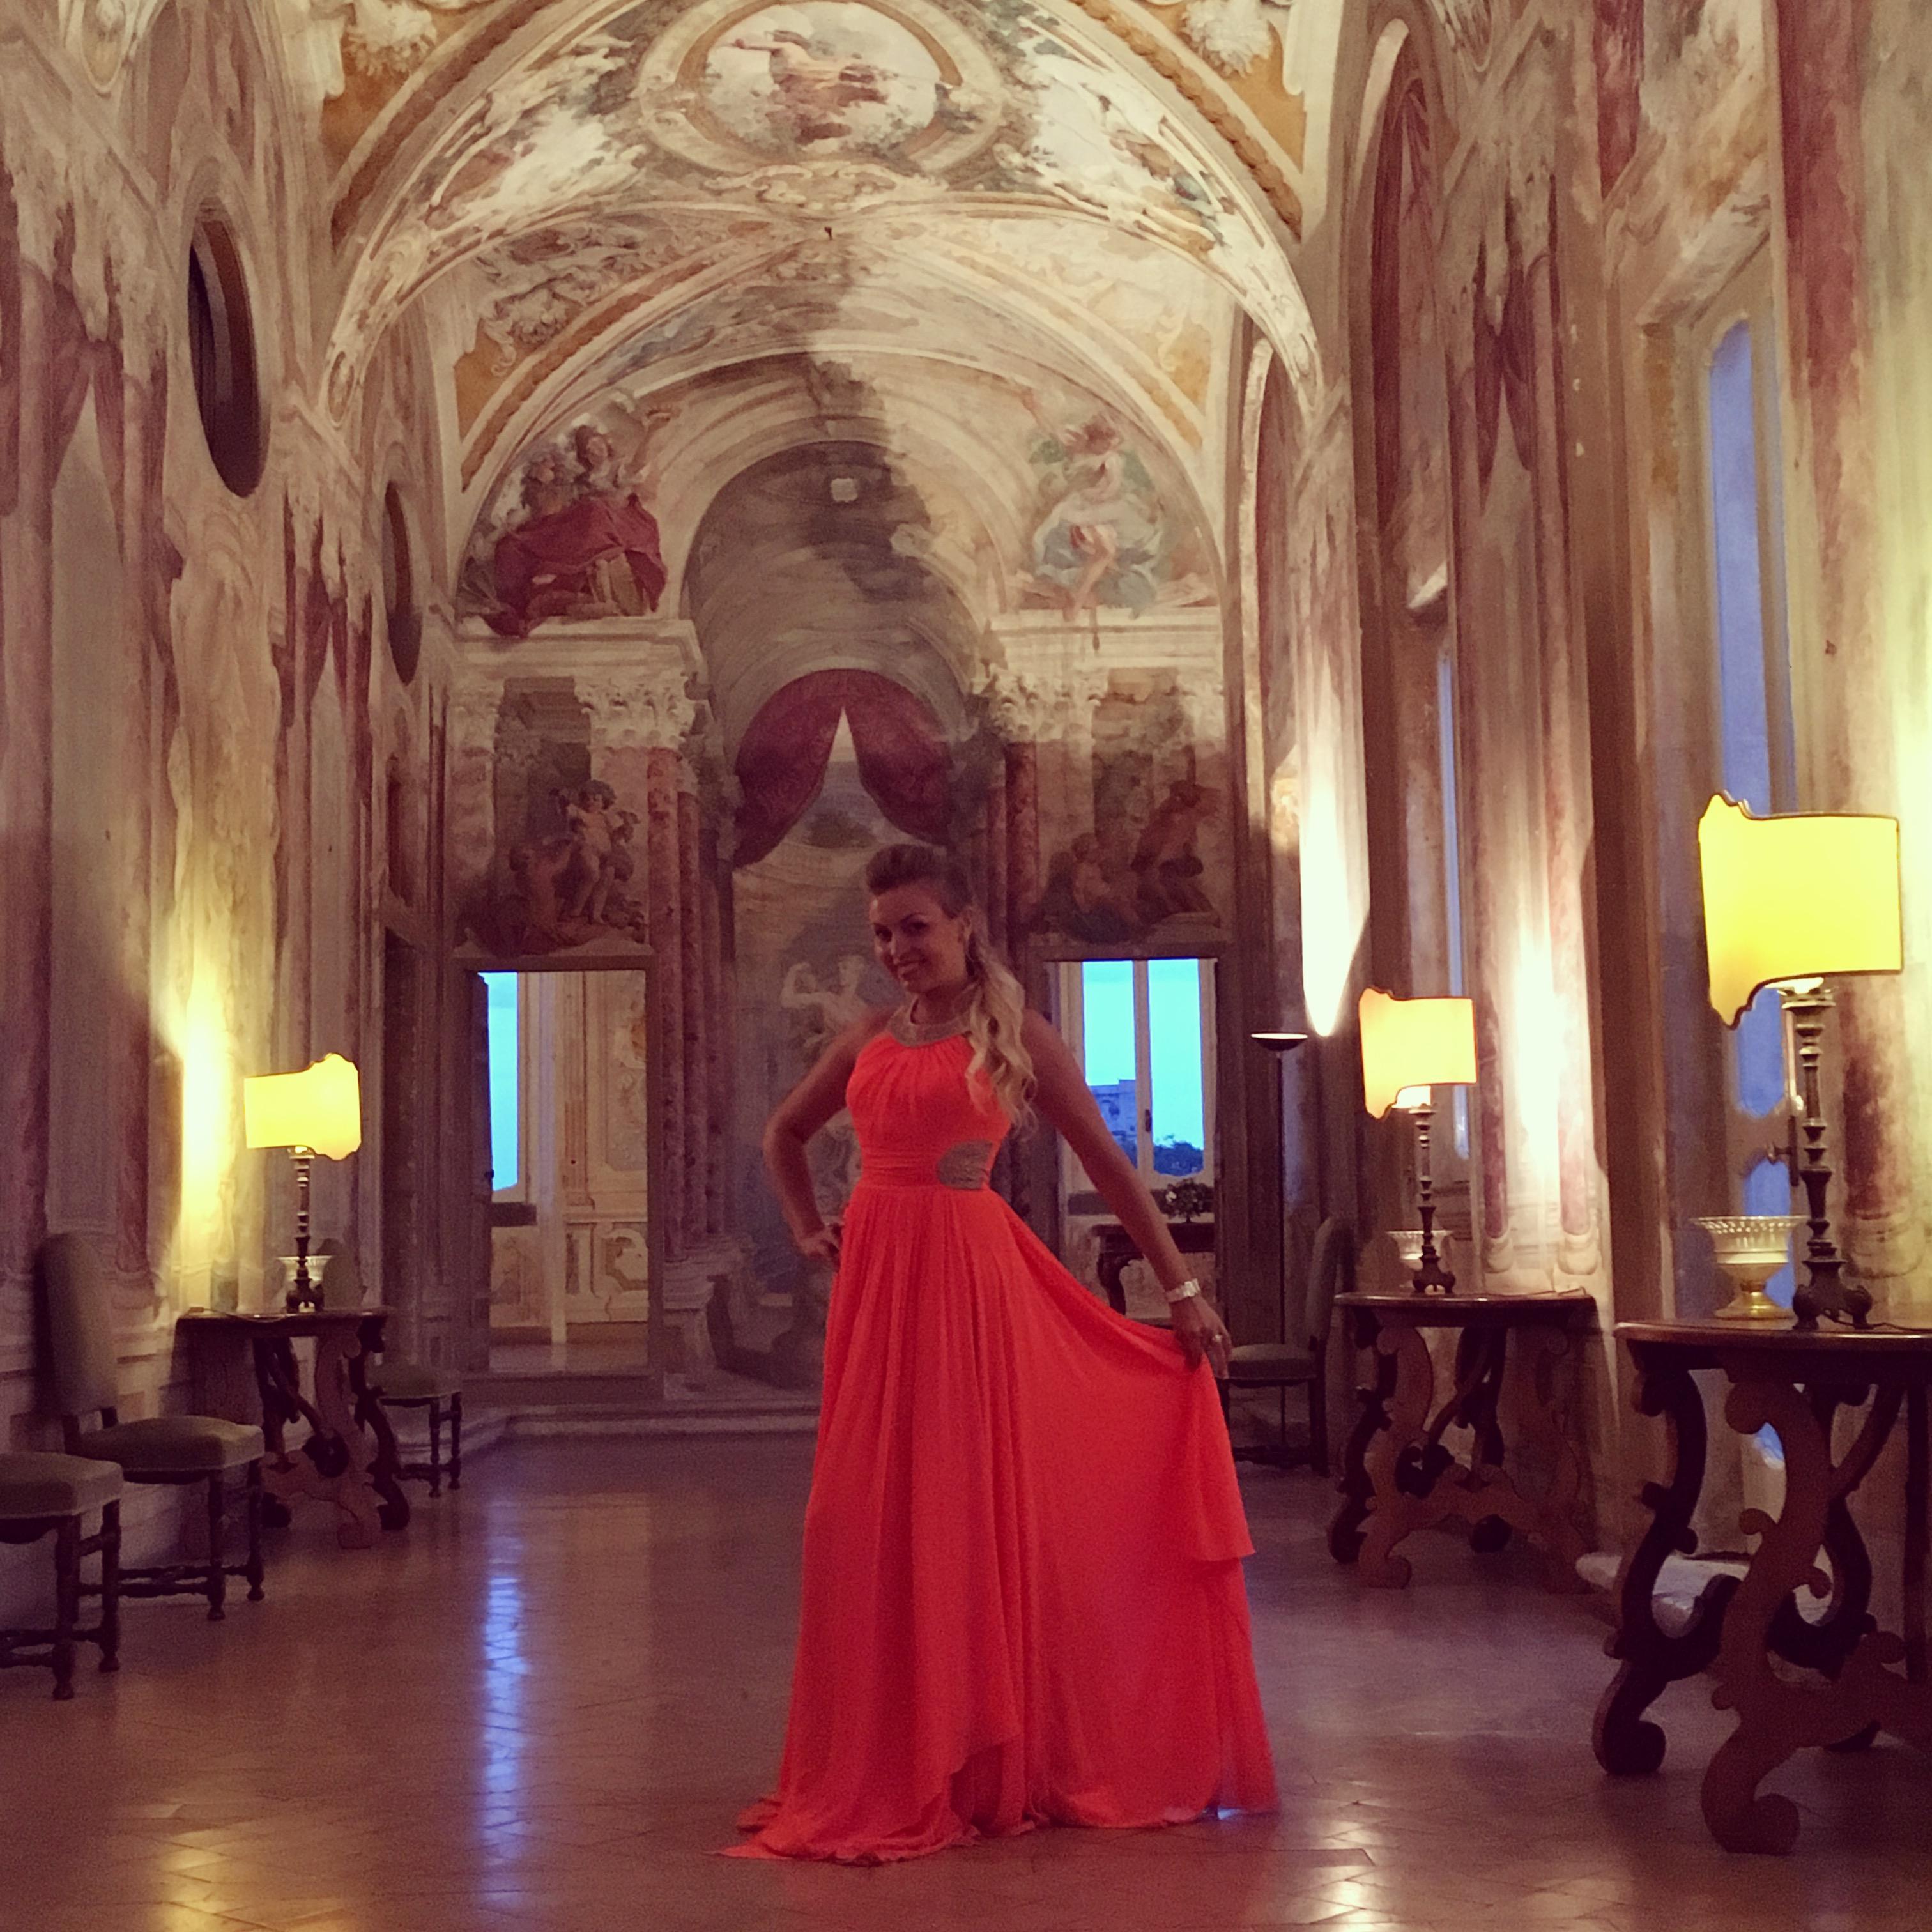 Фото 3 свадьба на вилле в Италии | Элеонора и Фабио | ведущая свадьбы в Италии - Катрин Моро